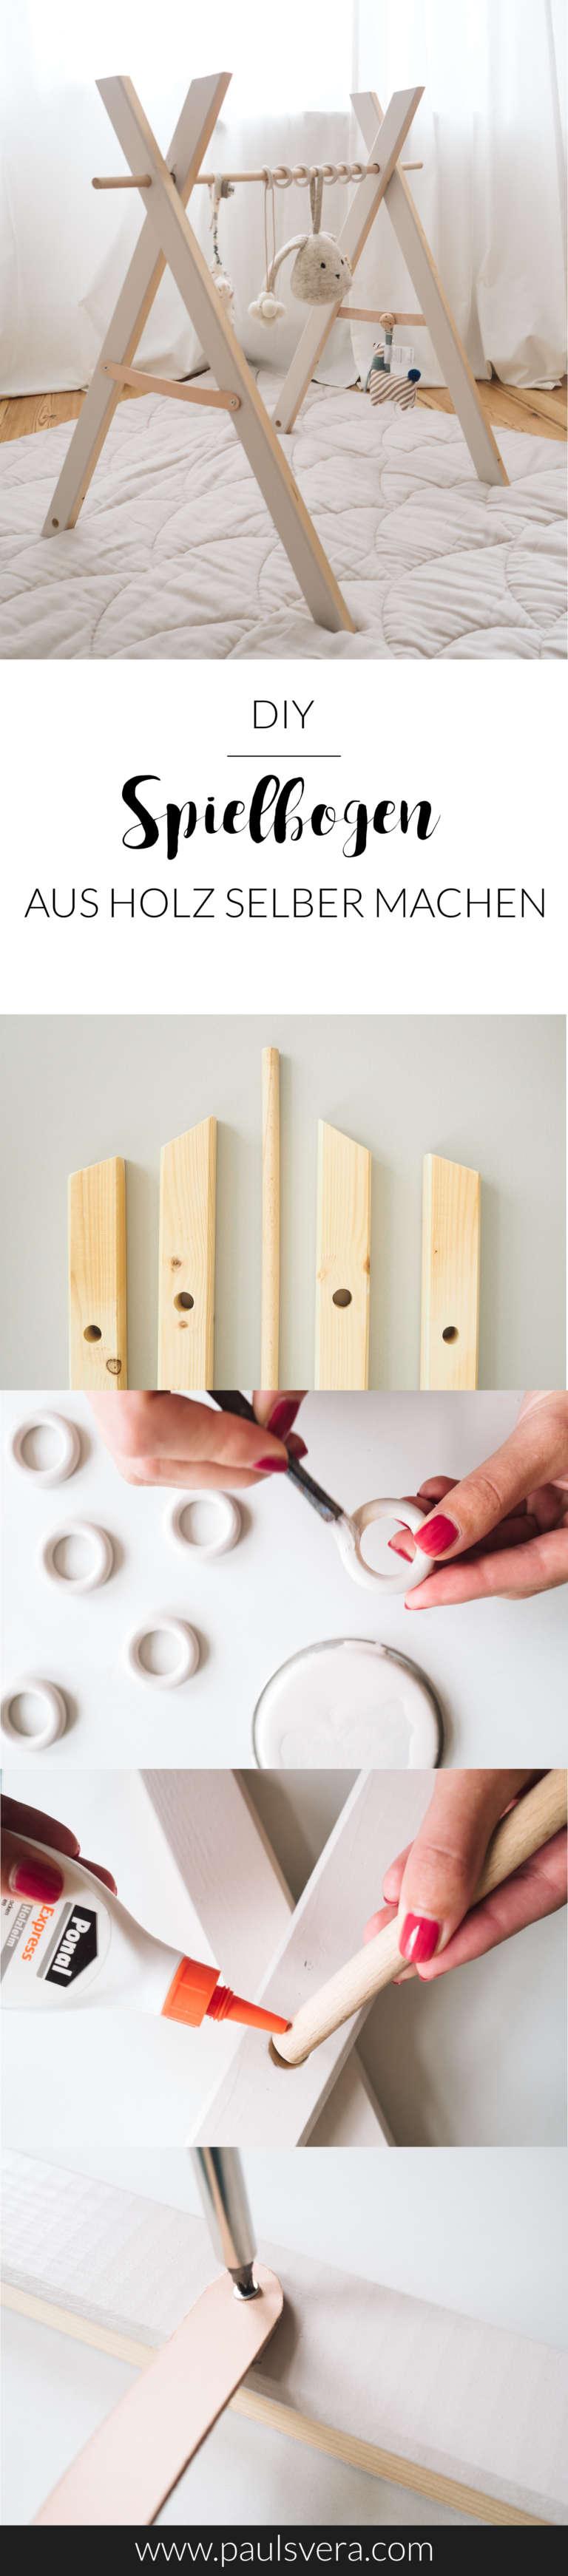 How To Diy Spielbogen Aus Holz Selber Machen Kyddo Paulsvera